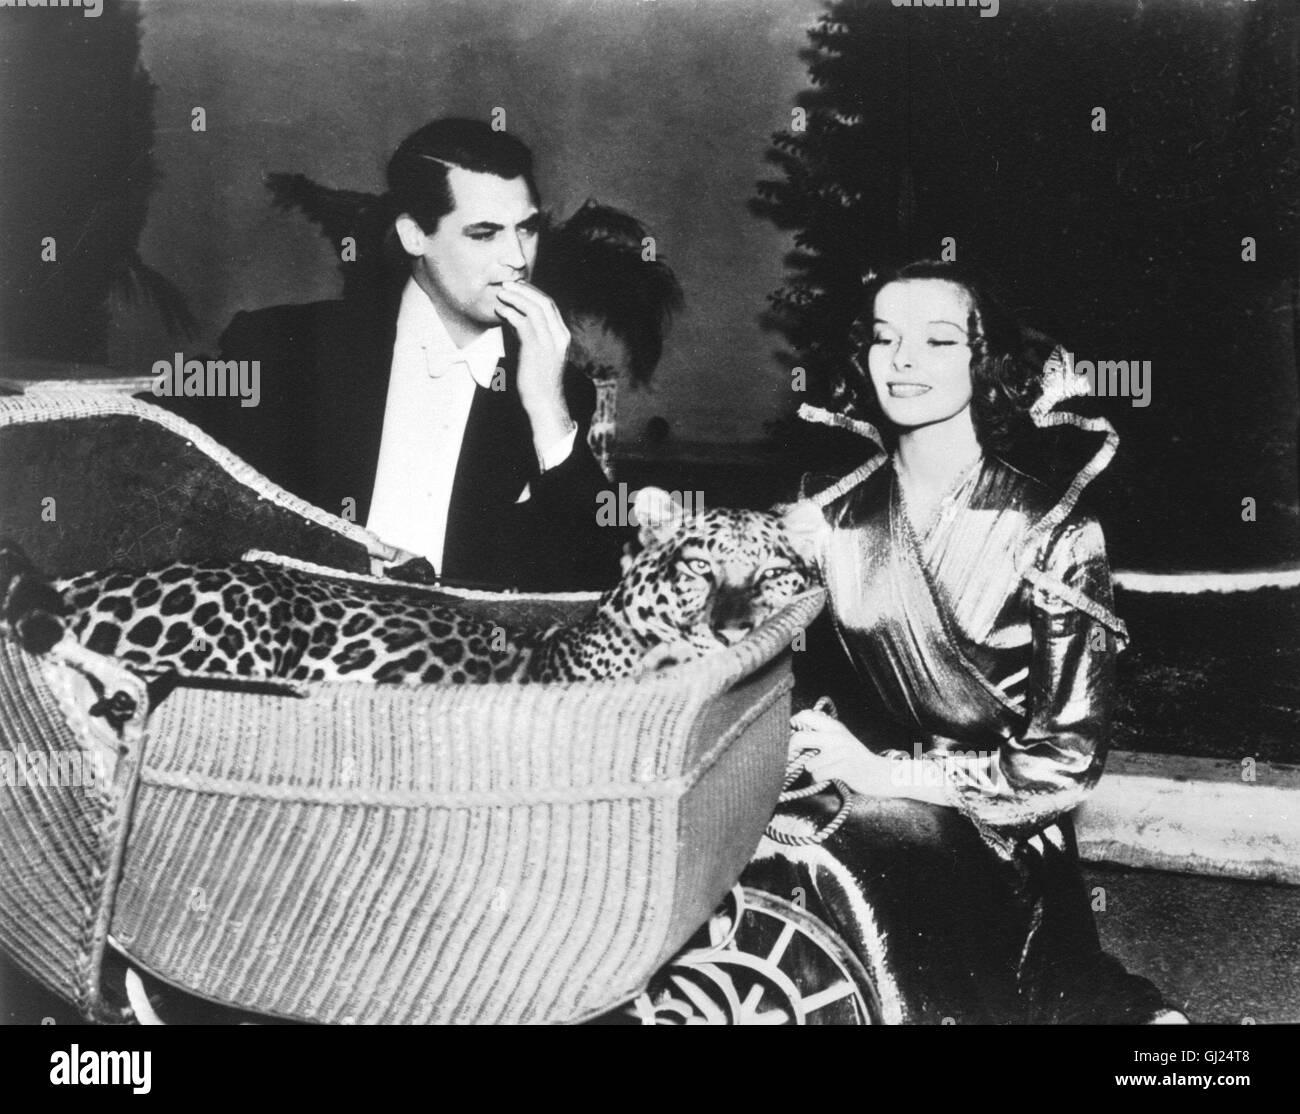 LEOPARDEN KÜSST MAN NICHT Bringing up Baby USA 1938 - Howard Hawks In dieser herrlichen Screwball-Comedy brilliert Stock Photo